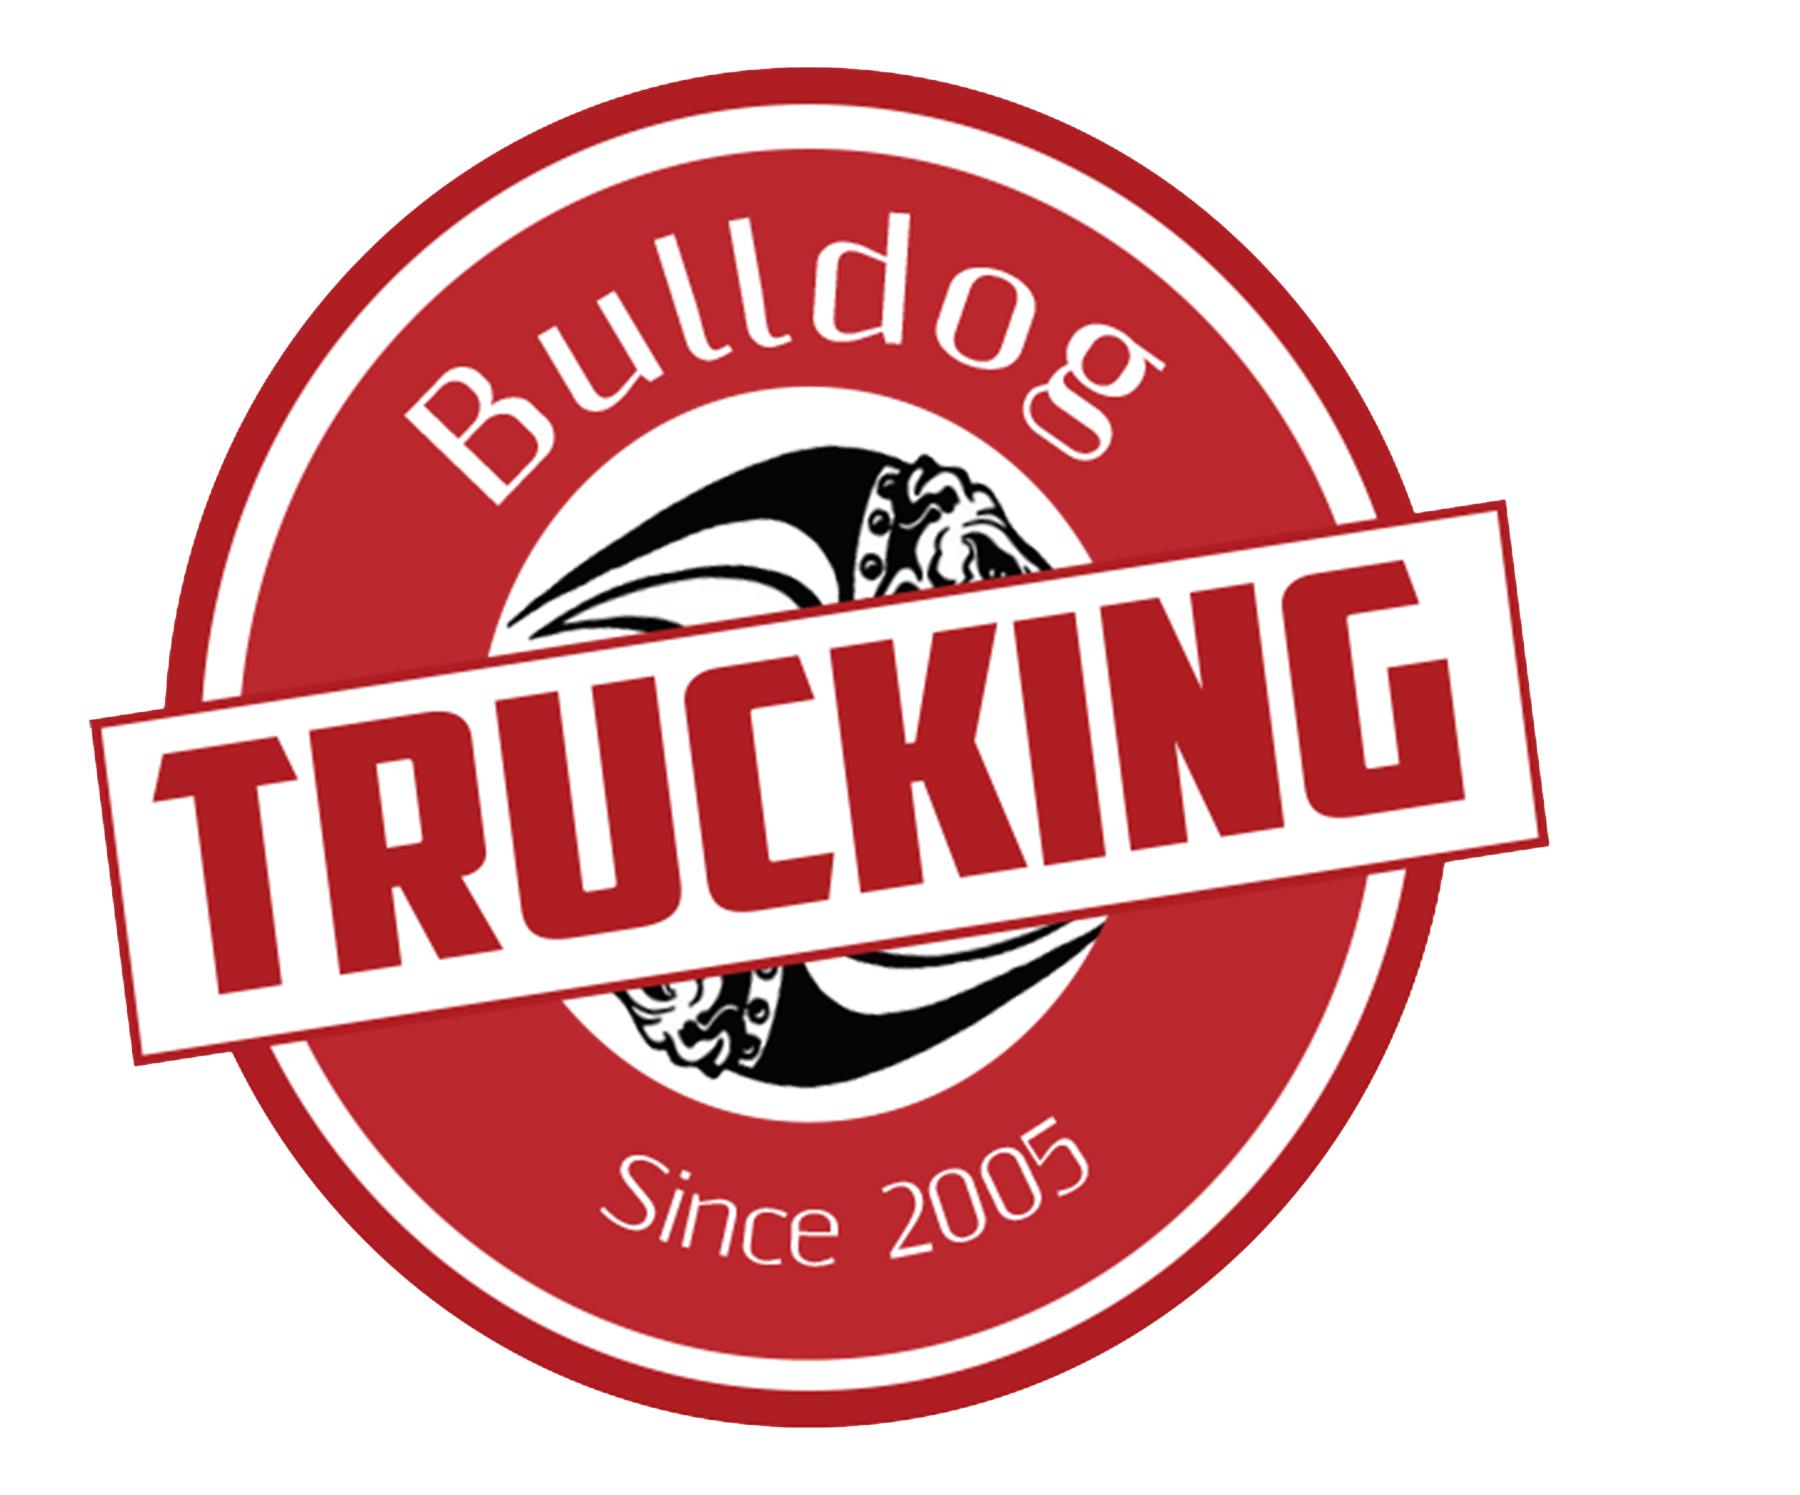 Bulldog Trucking & Auto Transport Logo